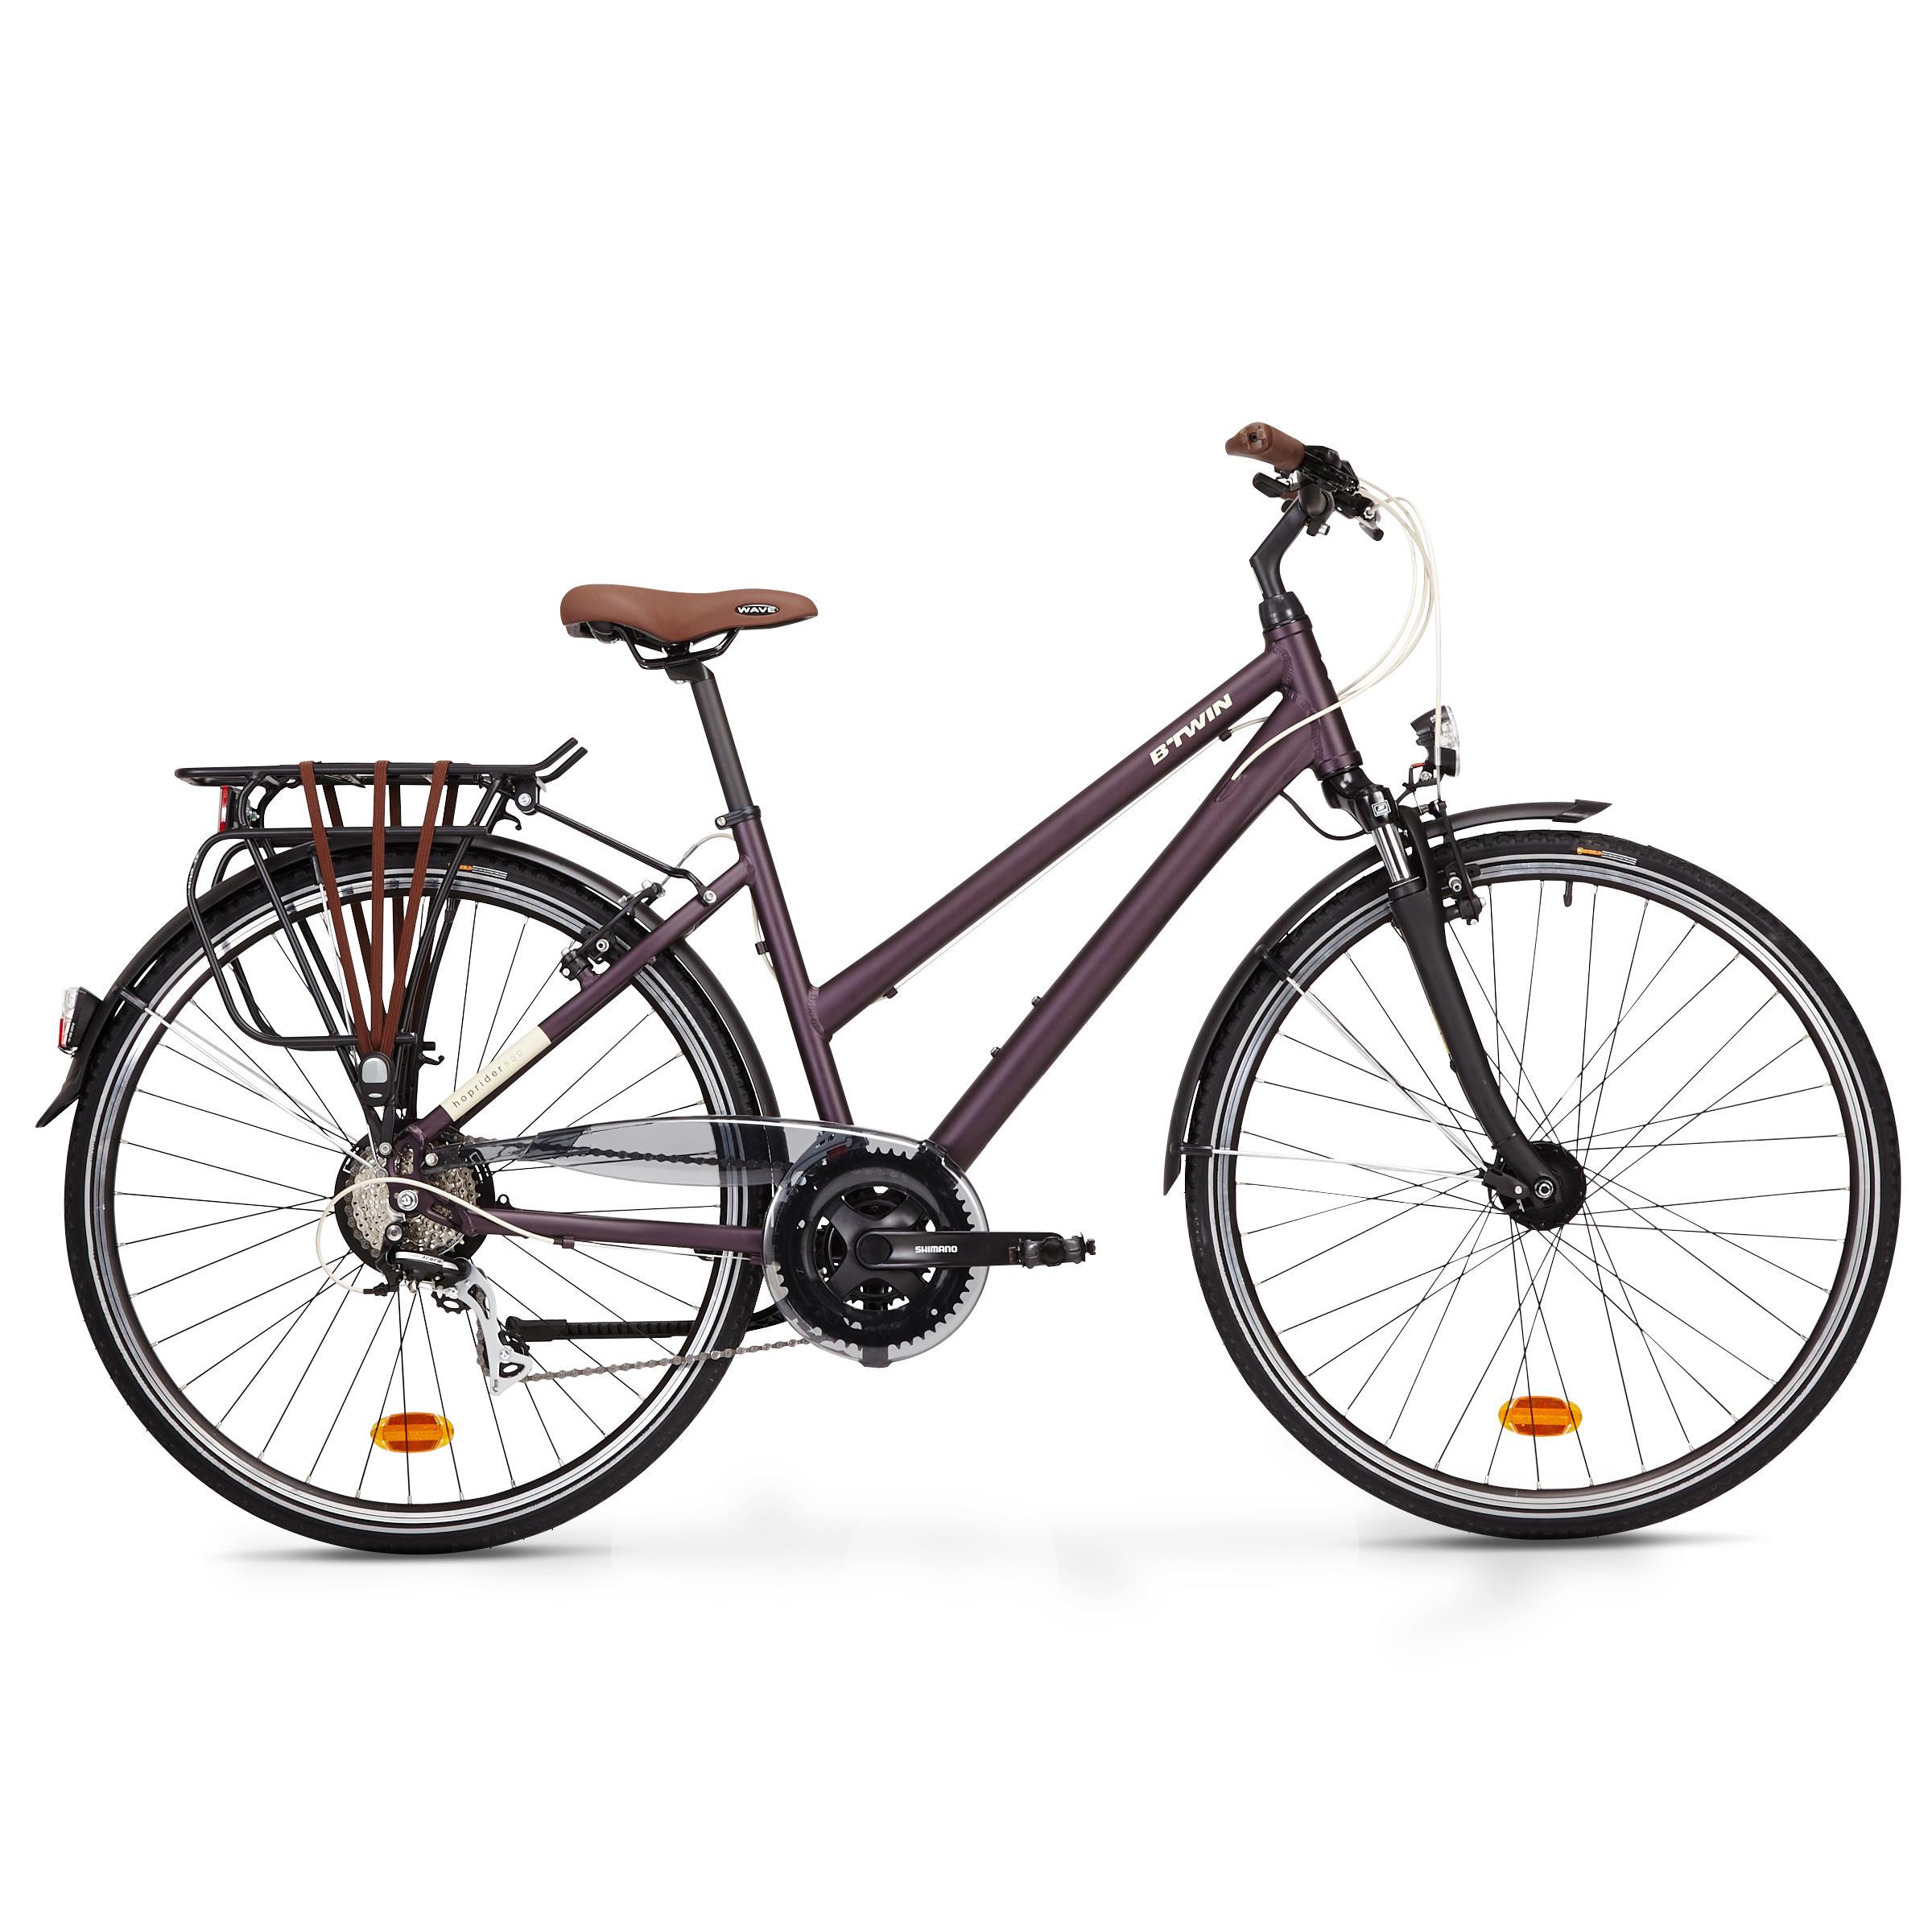 Bicicletă Oraş Hoprider 500 imagine